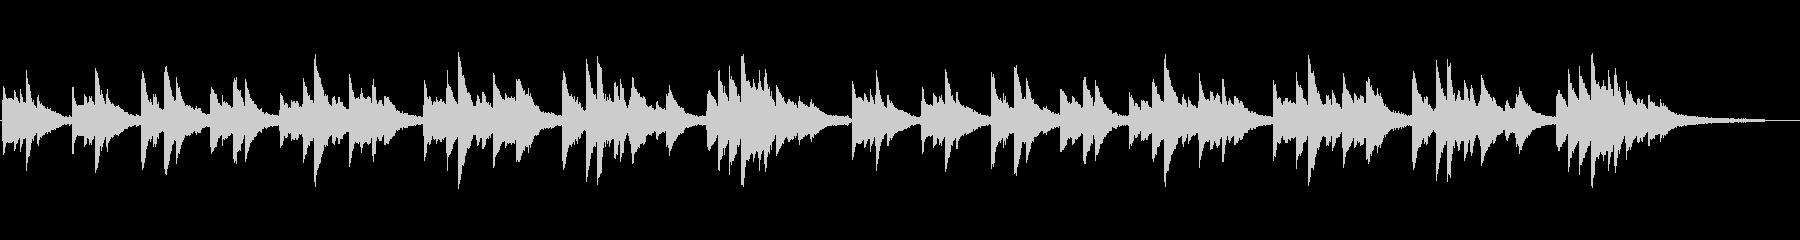 「きよしこの夜」シンプルなピアノソロの未再生の波形